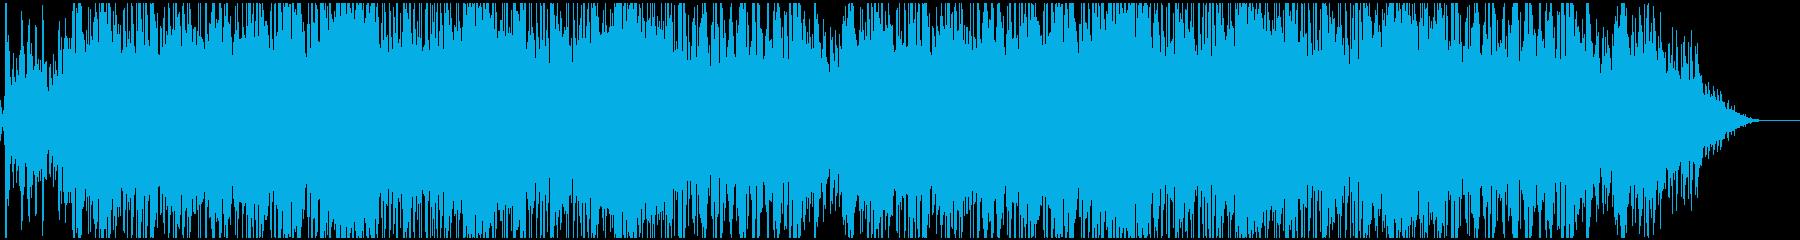 緊迫感のある急かされるようなBGMの再生済みの波形